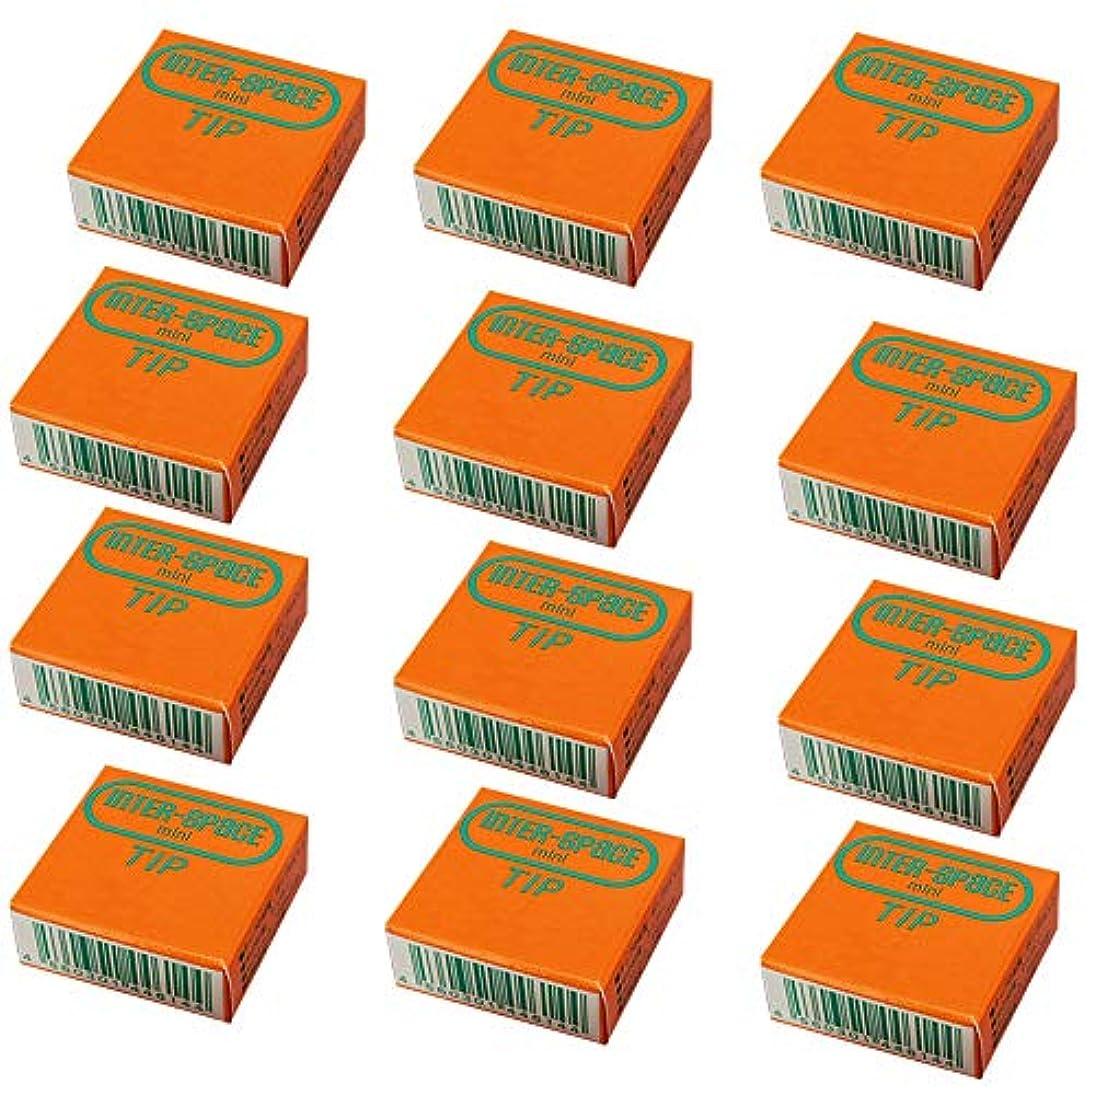 伝染病マイクロプロセッサ更新するインタースペース ? ミニ 専用 替え ブラシ 2個入 × 12箱 ロング ? ソフト LS